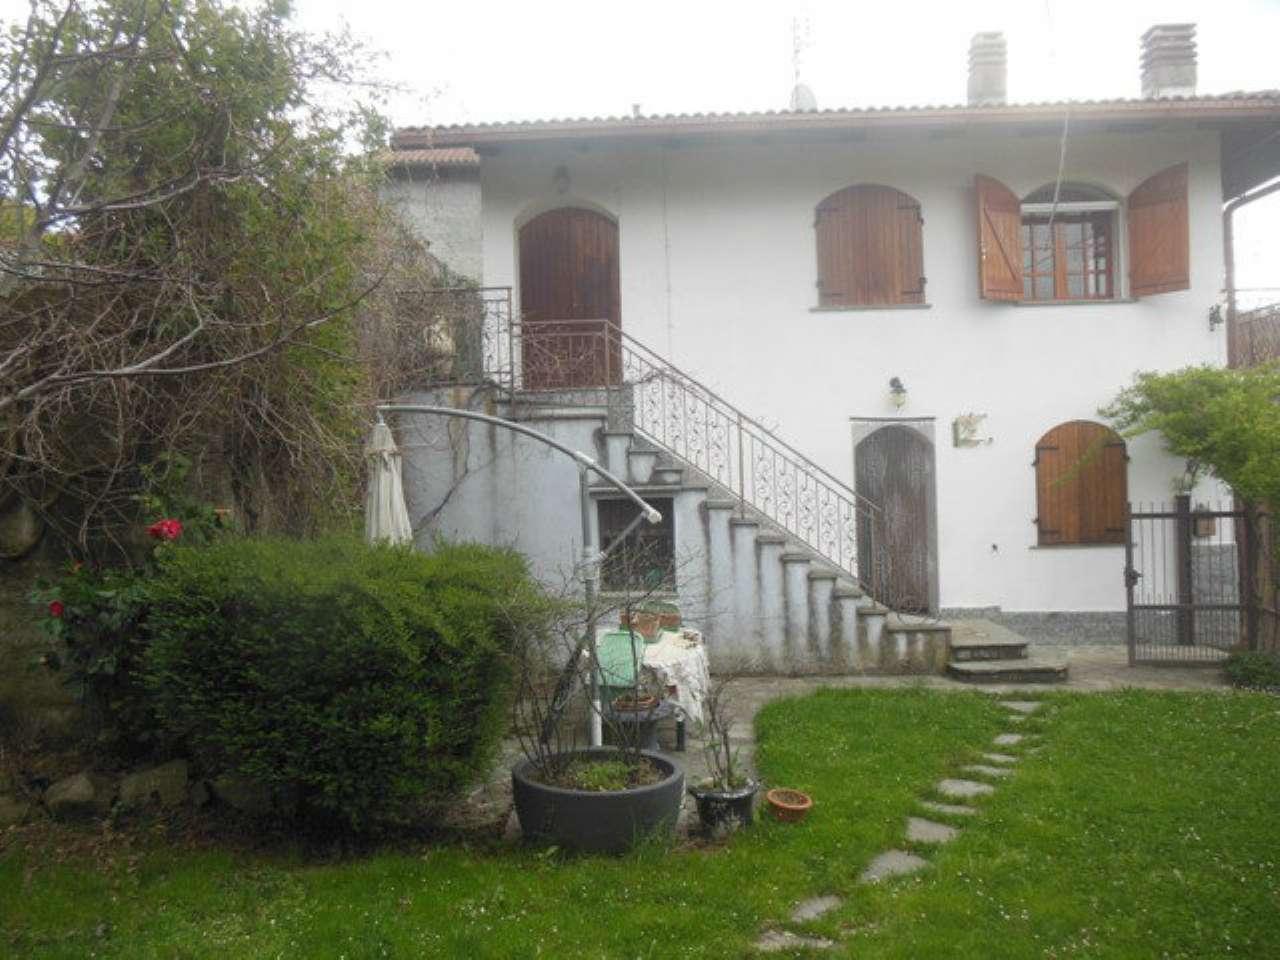 Soluzione Indipendente in vendita a Alice Superiore, 4 locali, prezzo € 120.000 | CambioCasa.it